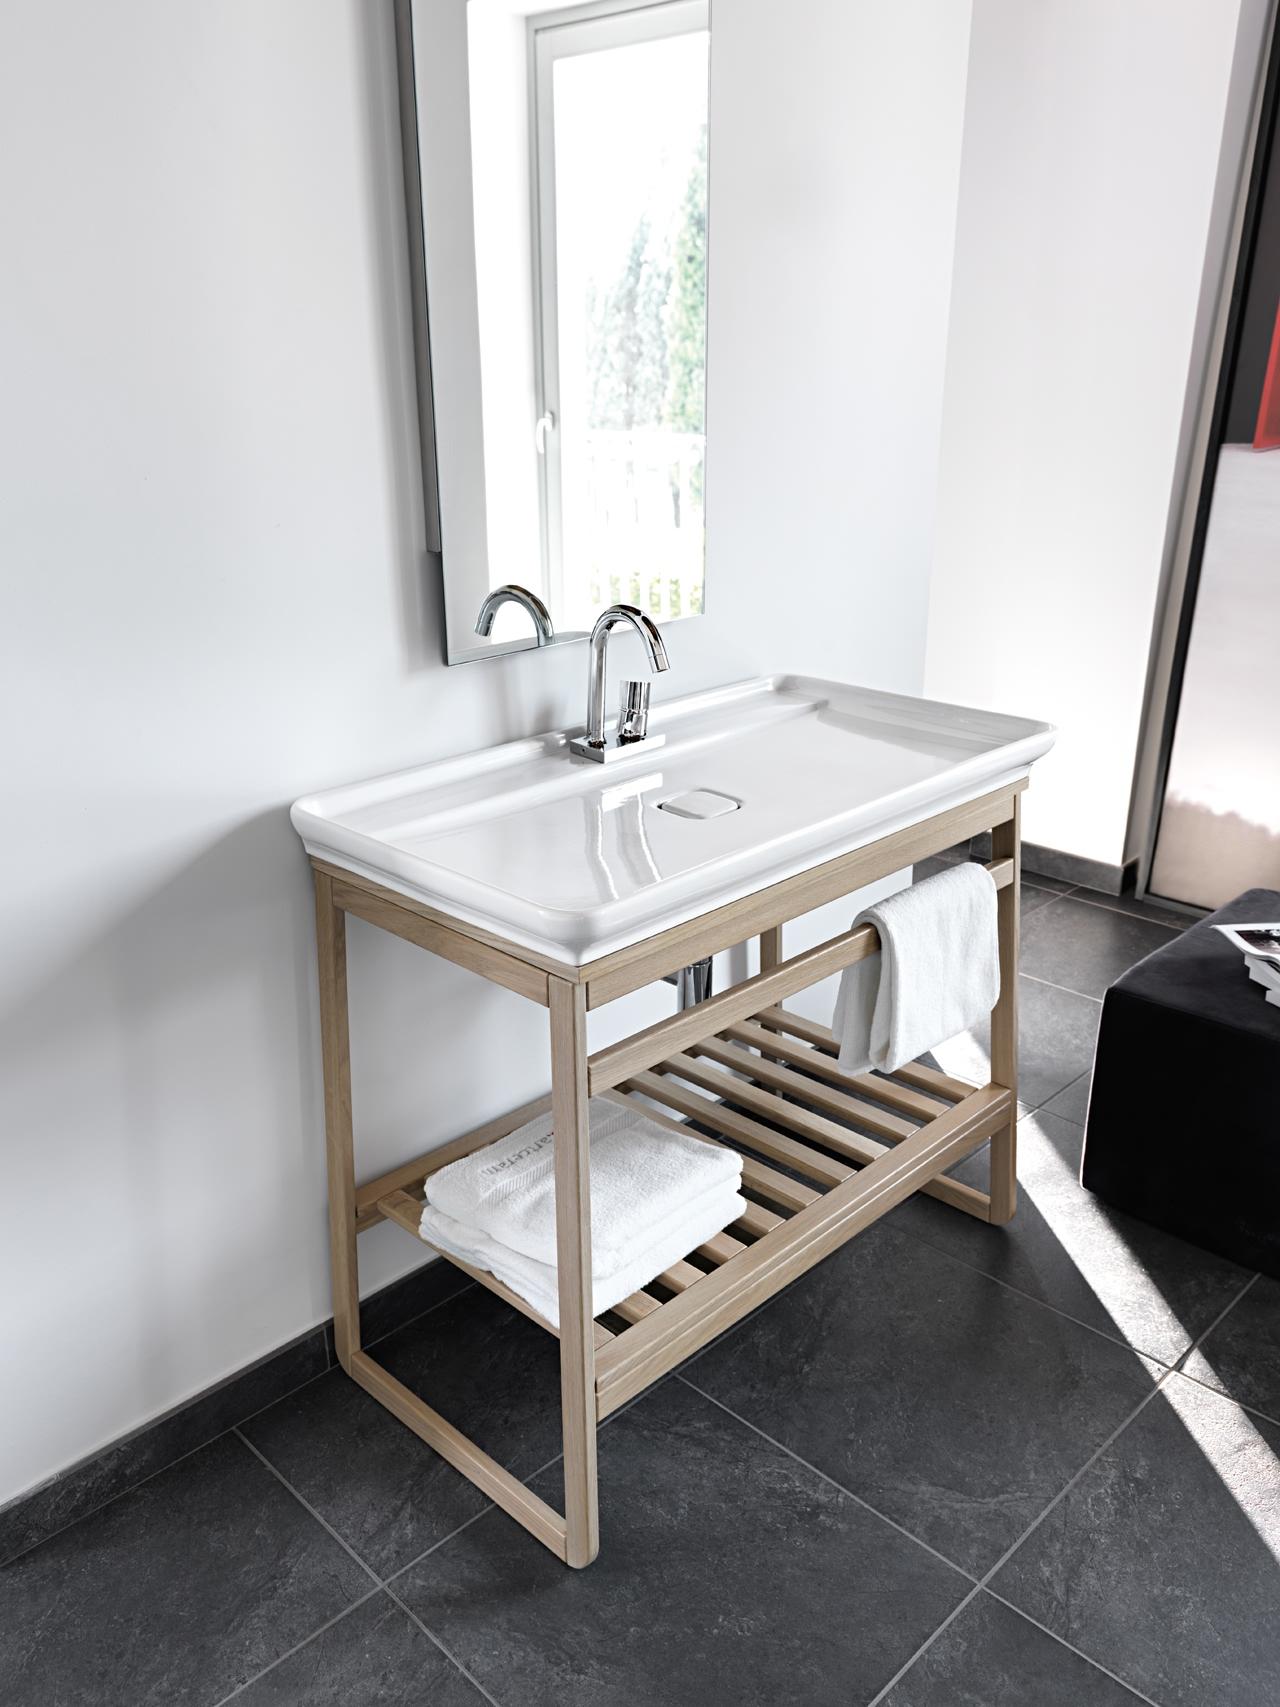 Skinny Sink : ... Skinny Bathroom Sink By Artceram ? skinny bathroom sink artceram-5